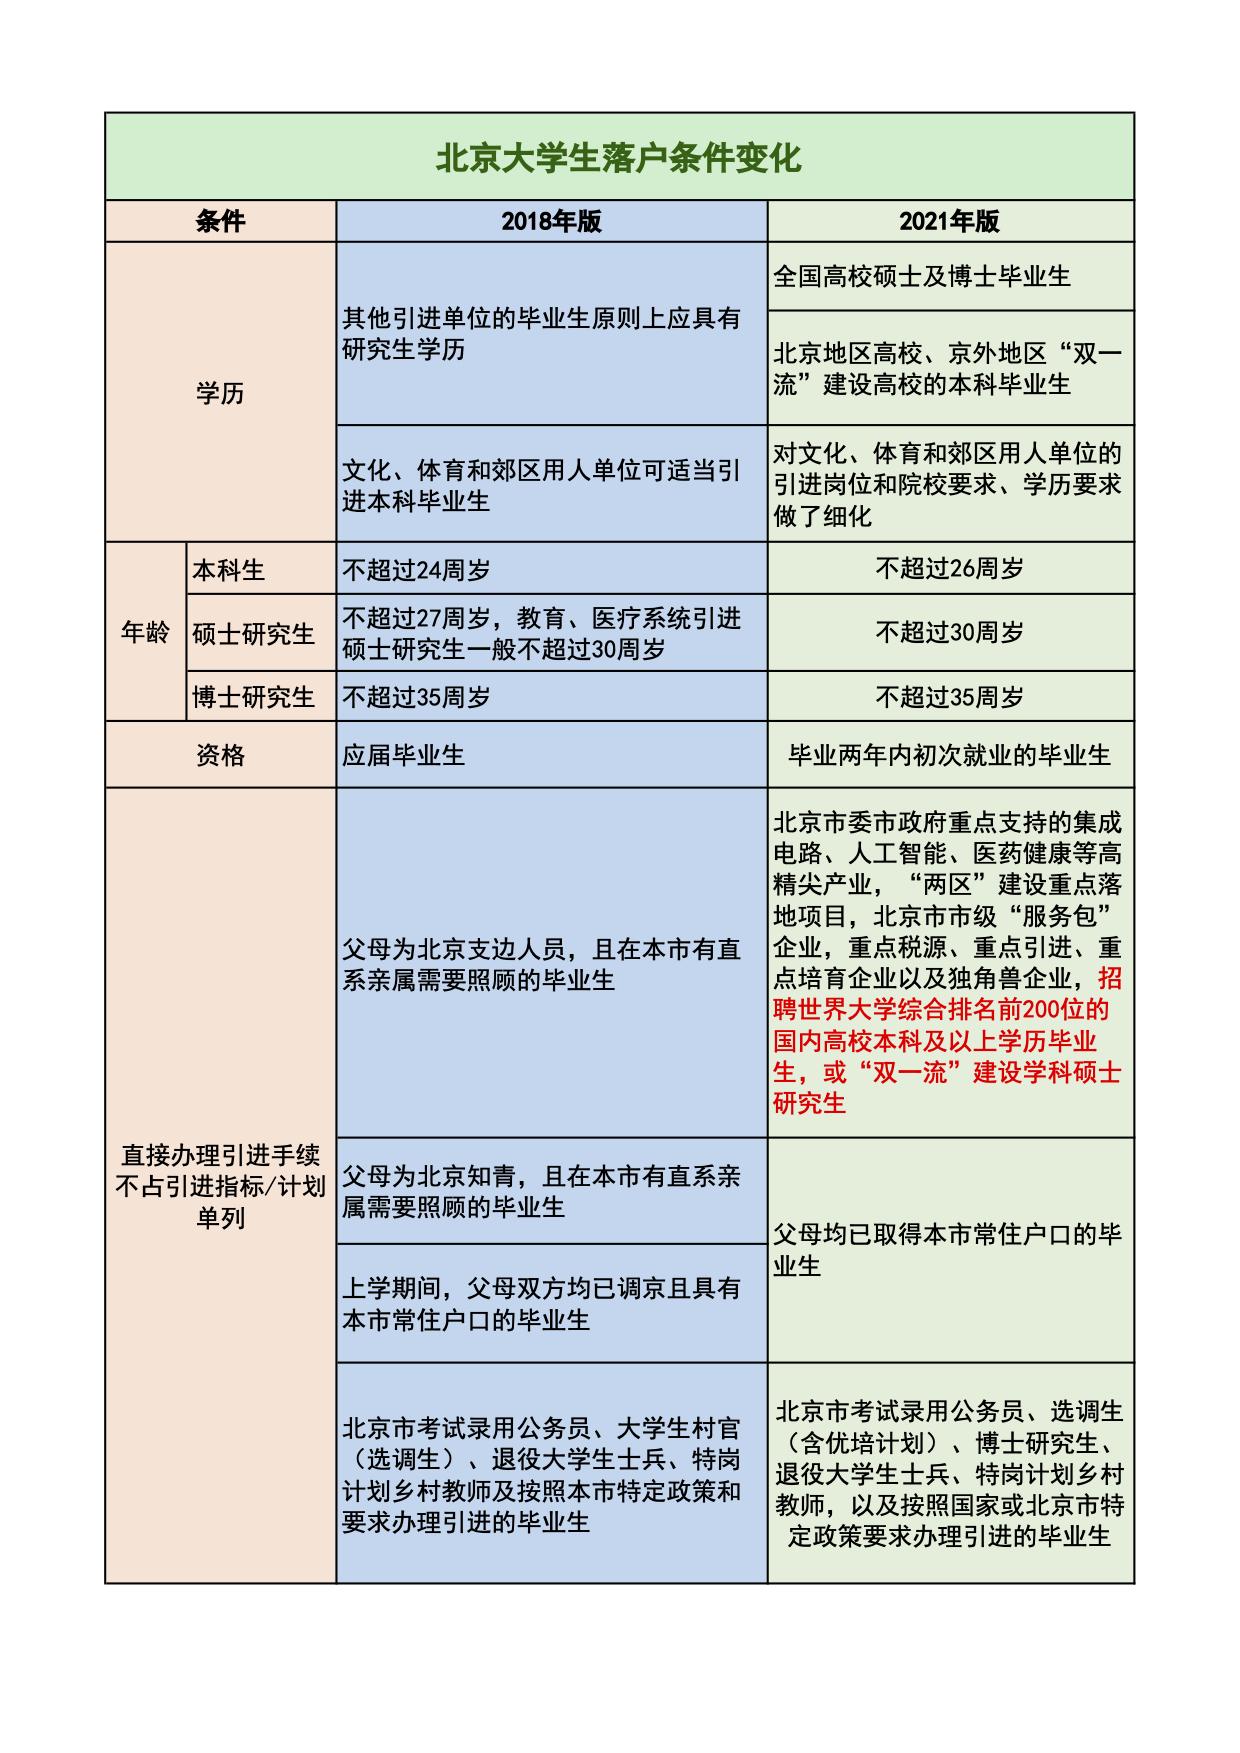 副本北京大学生落户条件变化.jpg